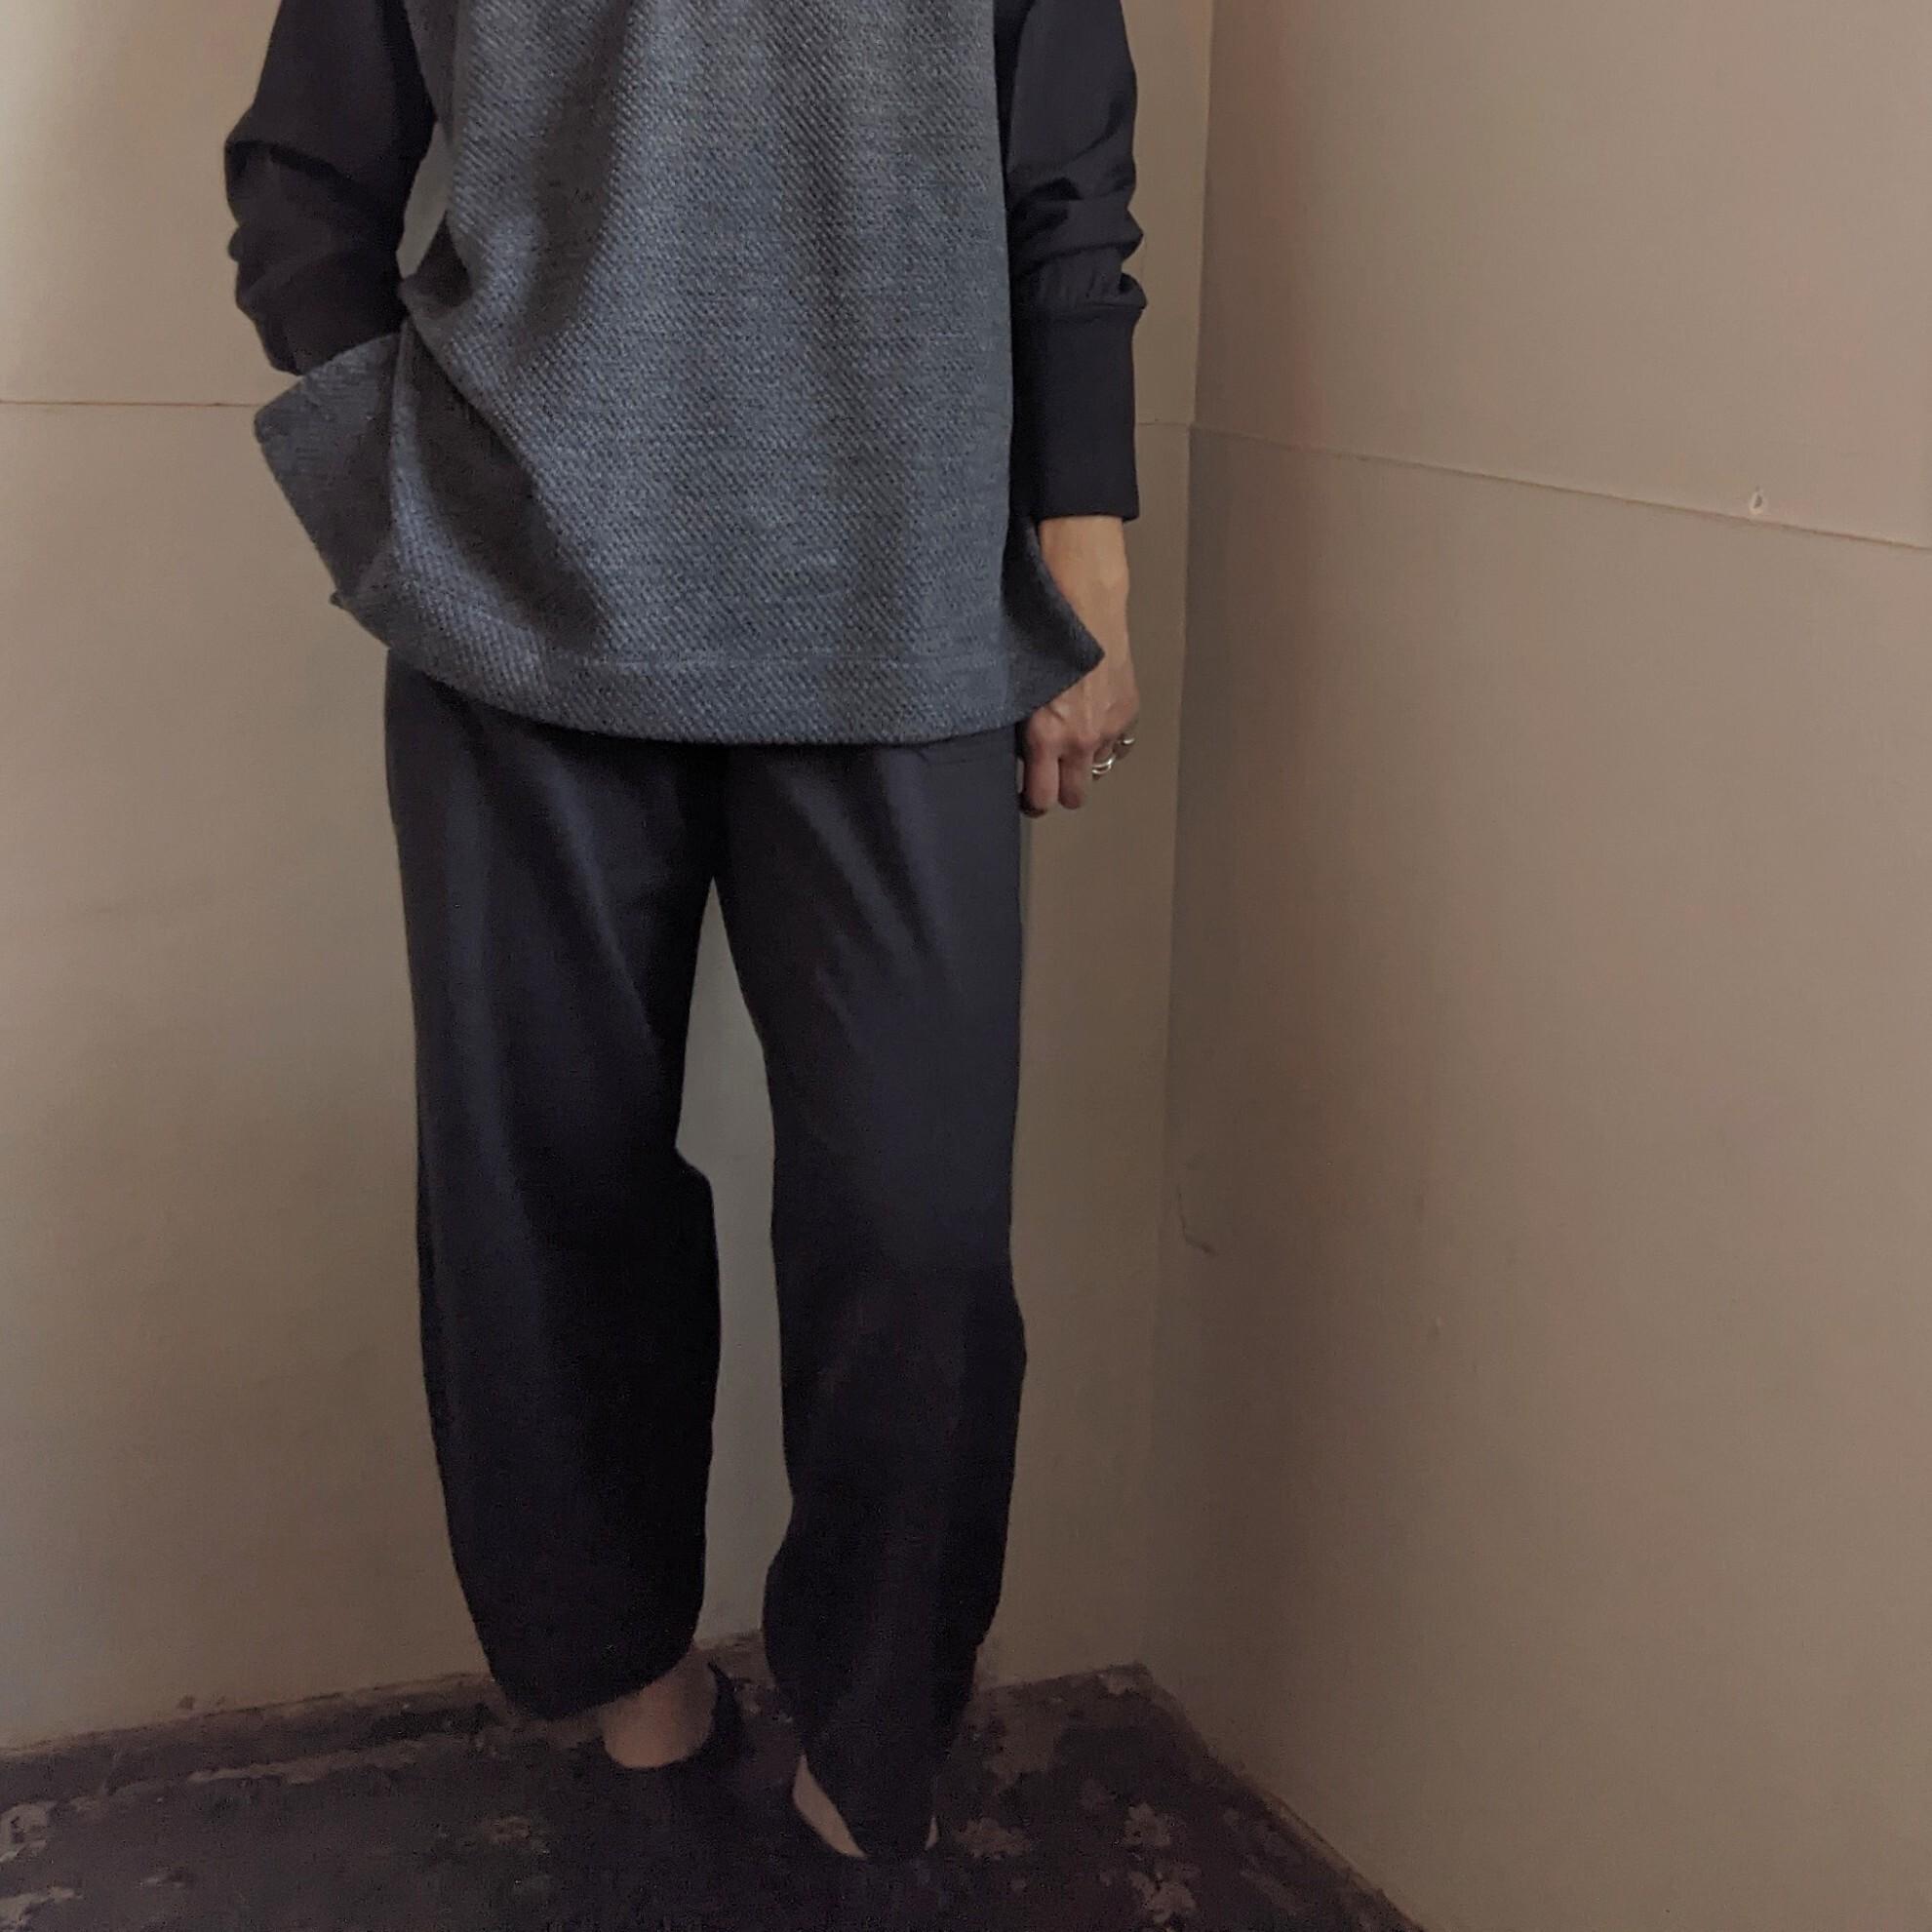 【 CLOSELY CLICK PEBBLE 】クロースリークリックペブル / easy pants イージーパンツ / chacoal チャコール / cotton wool